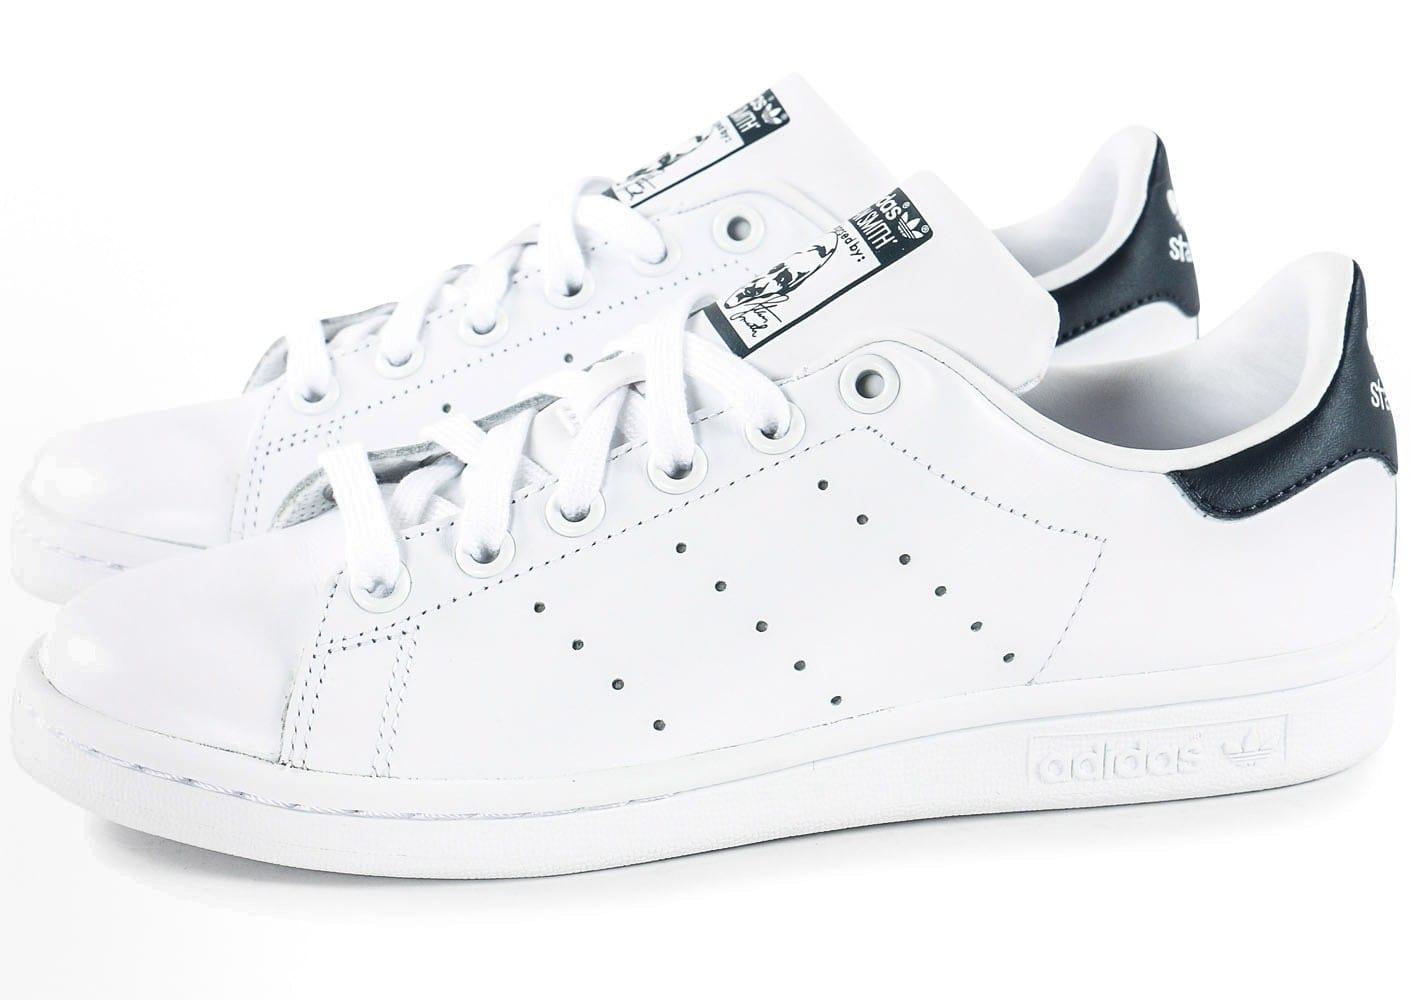 pick up 0040e 931d7 adidas stan smith femme bleu marine, Cliquez pour zoomer Chaussures adidas  Stan Smith blanche et